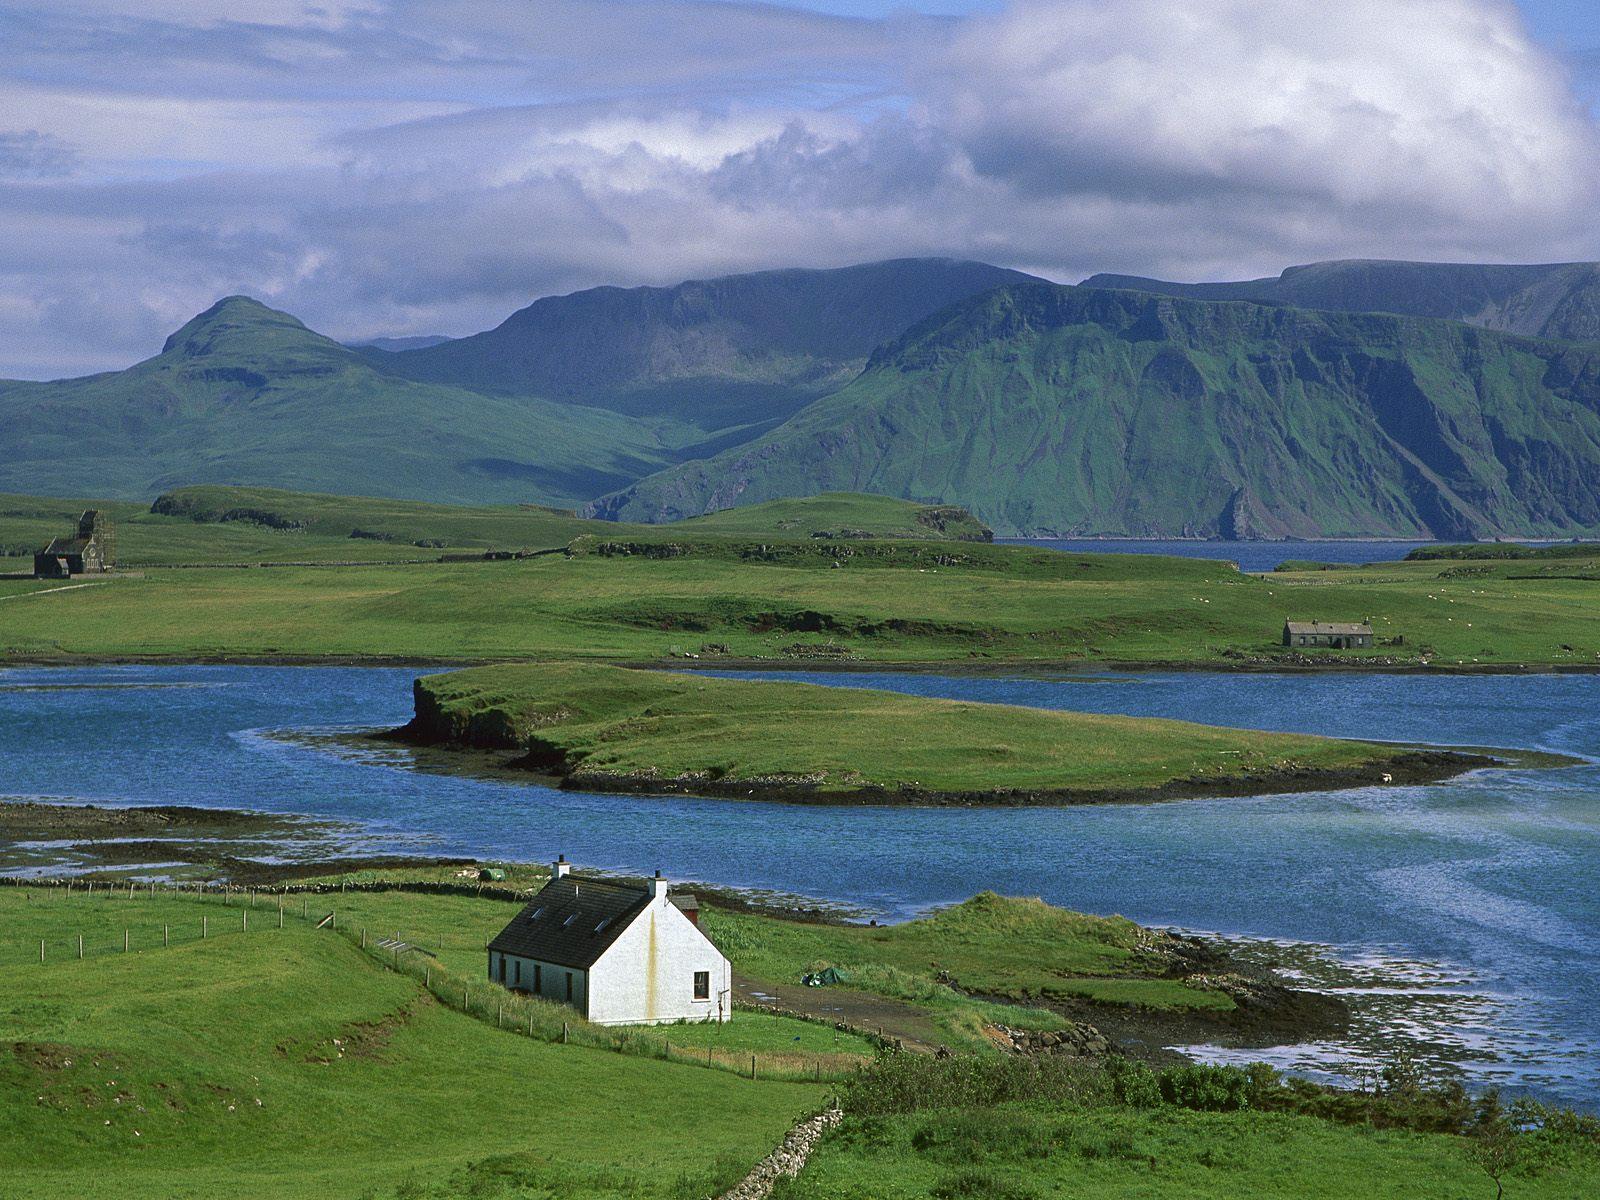 Tg naturalistico: parchi, salamandre e Scozia